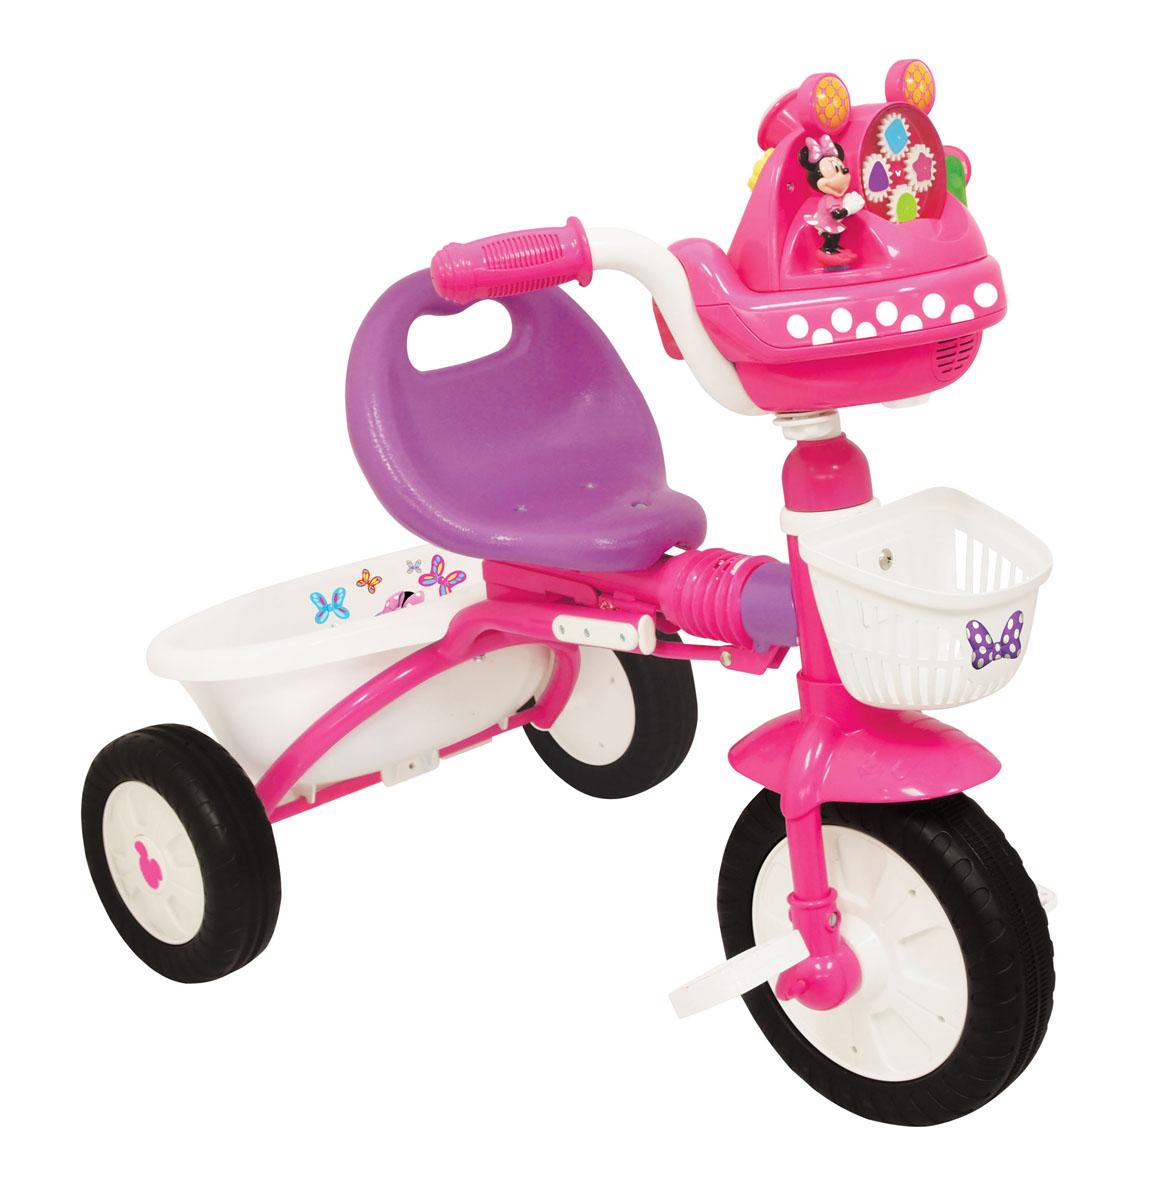 Kiddieland Велосипед трехколесный Минни Маус складной цвет розовыйKID 047423Велосипед 3-колесный Минни Маус складной. Такой велосипед создан специально для девочек. Он обязательно понравится Вашему ребенку. Подойдет для детей от 1 года.Характеристики:• Велосипед выполнен из высококачественных материалов.• Рама выполнена из металла.• Все остальные детали выполнены из пластика.• Три устойчивых колеса.• Две удобные корзинки для игрушек и мелочей.• Велосипед легко складывается и раскладывается.• Удобное сидение со спинкой.• Надежная конструкция прослужит долгие годы.